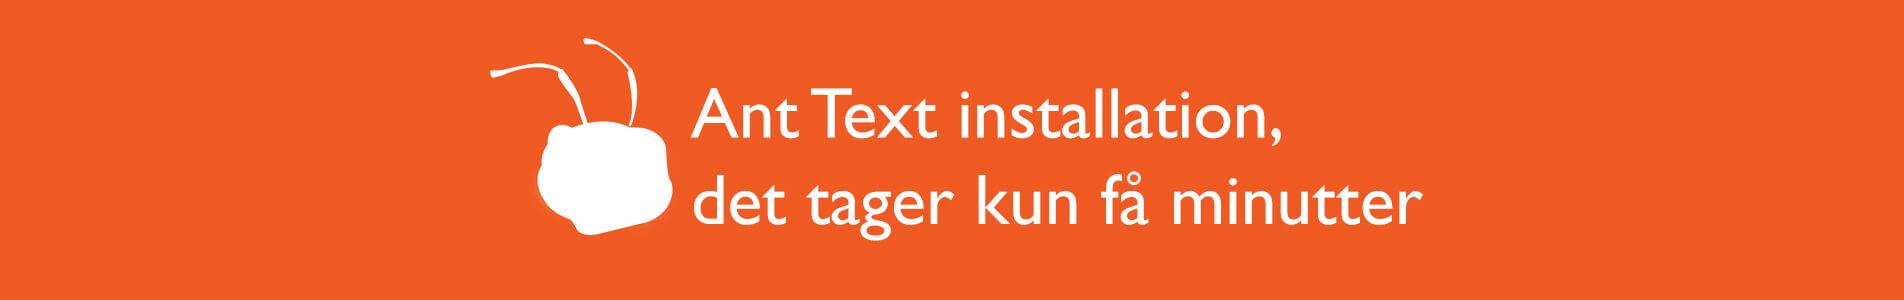 Header til Ant Text installation - det tager kun få minutter